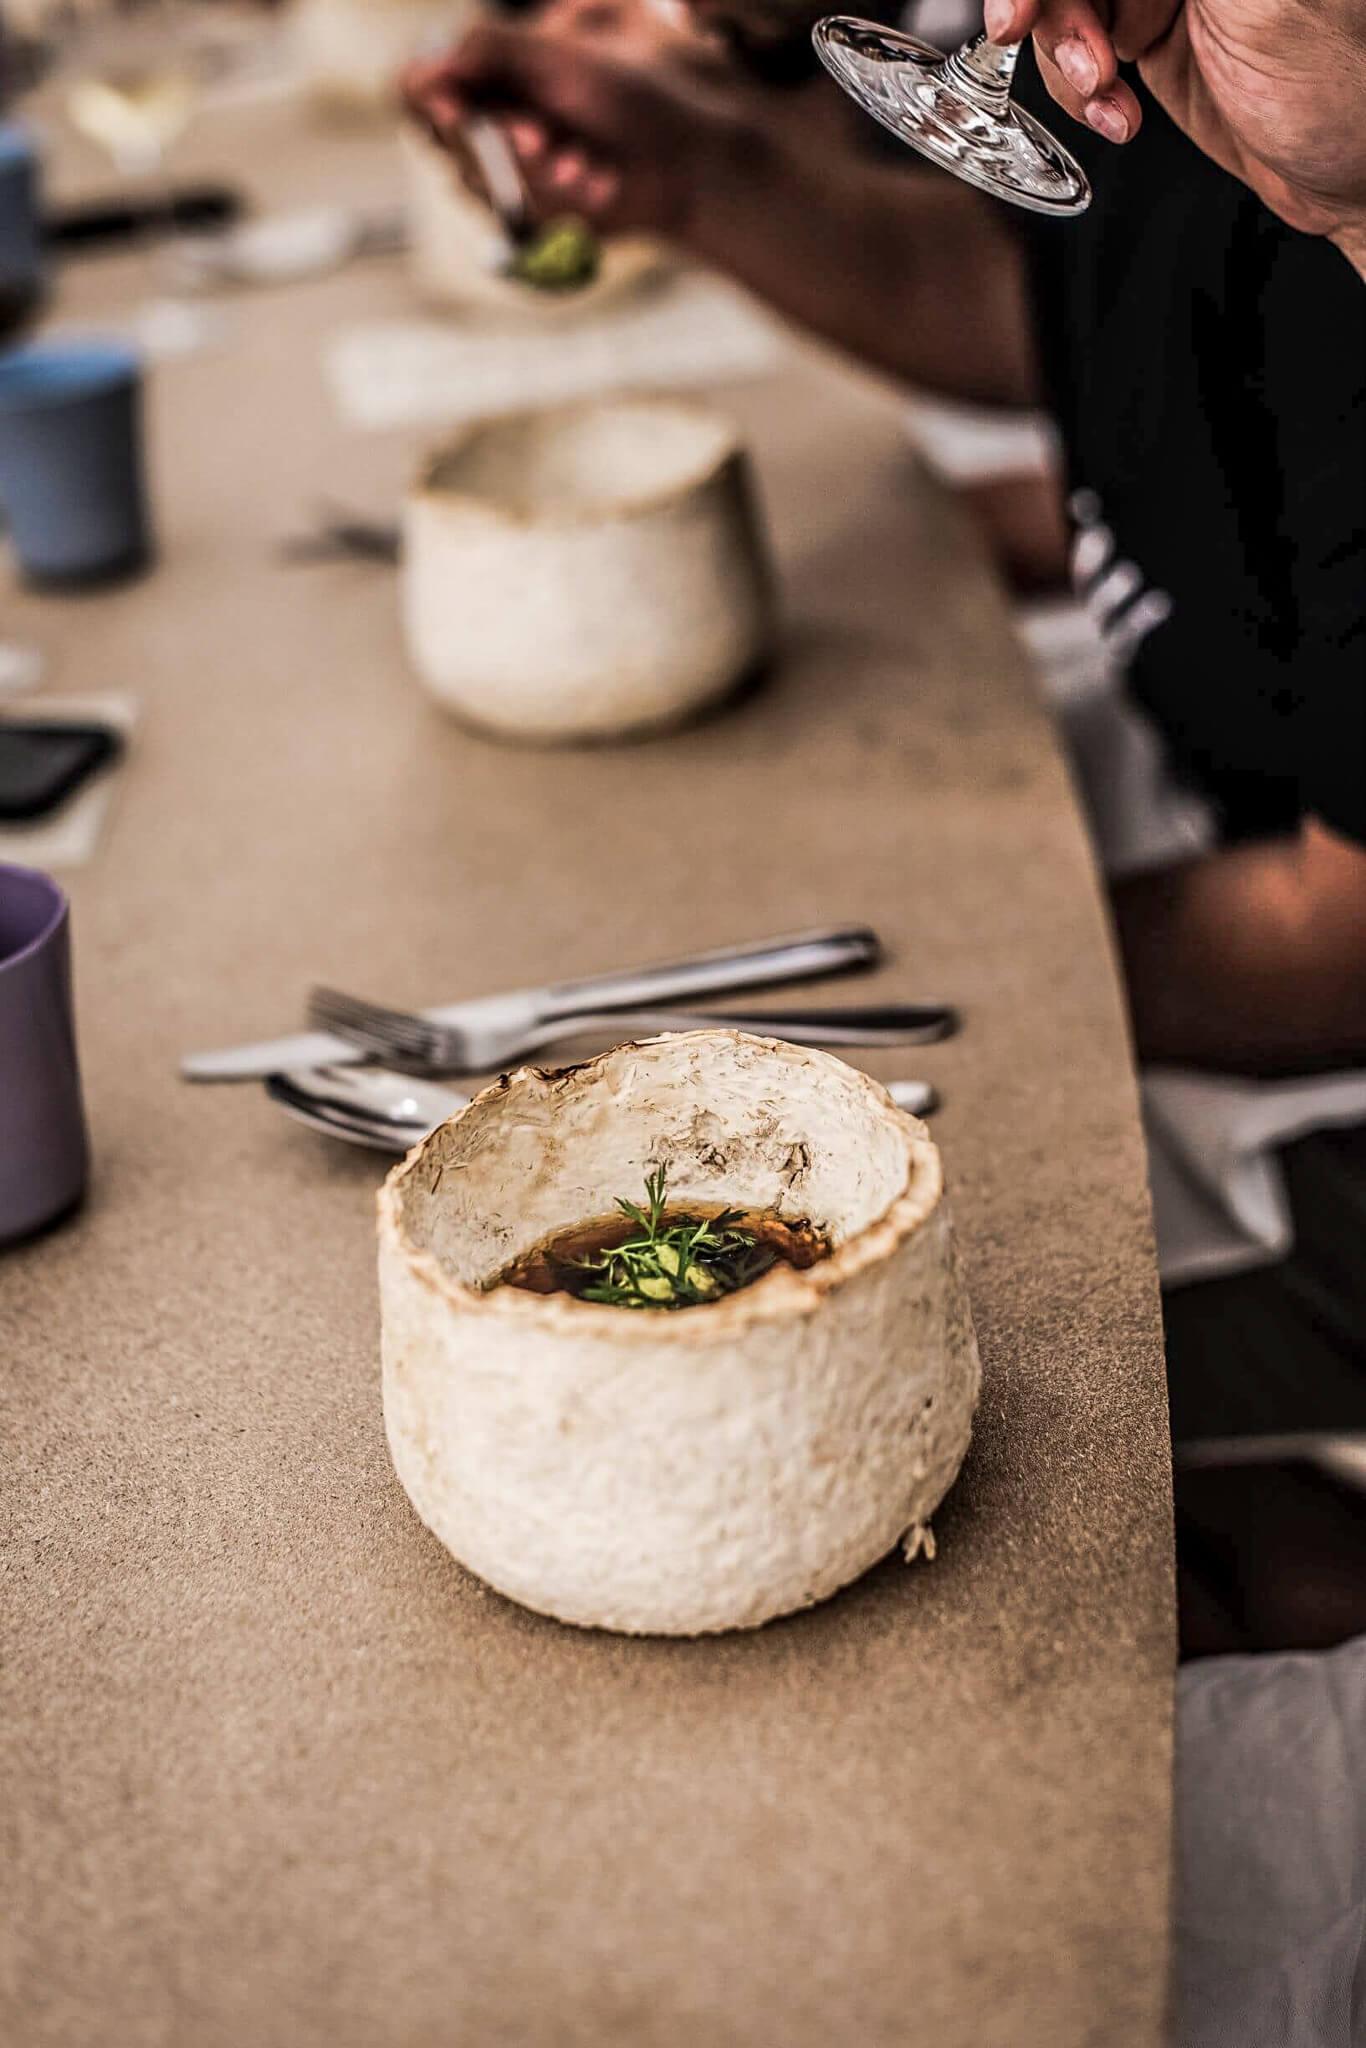 foodwaste zero waste restaurant